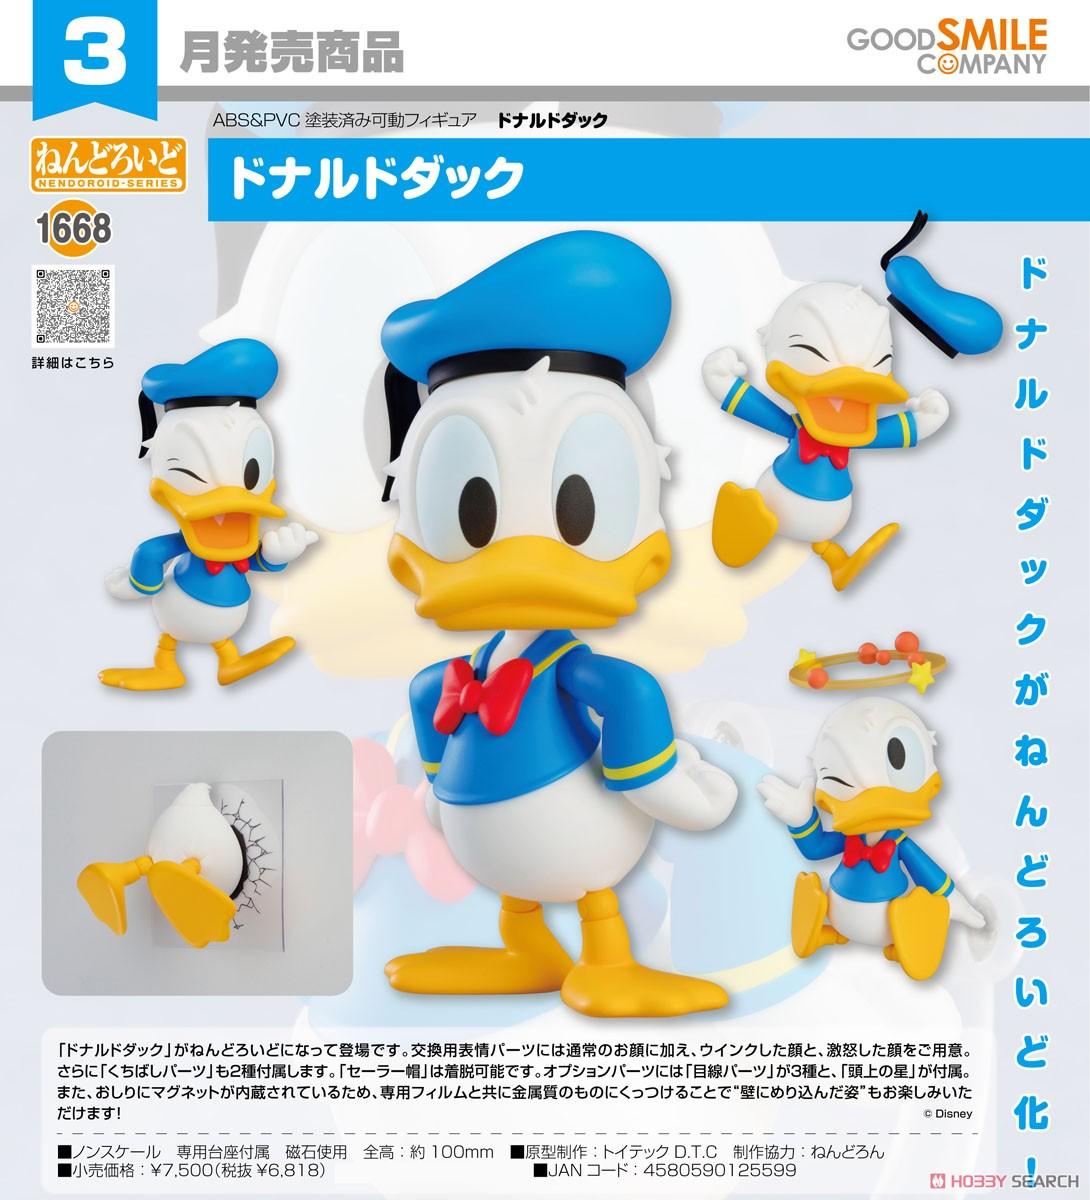 ねんどろいど『ドナルドダック』ディズニー デフォルメ可動フィギュア-006